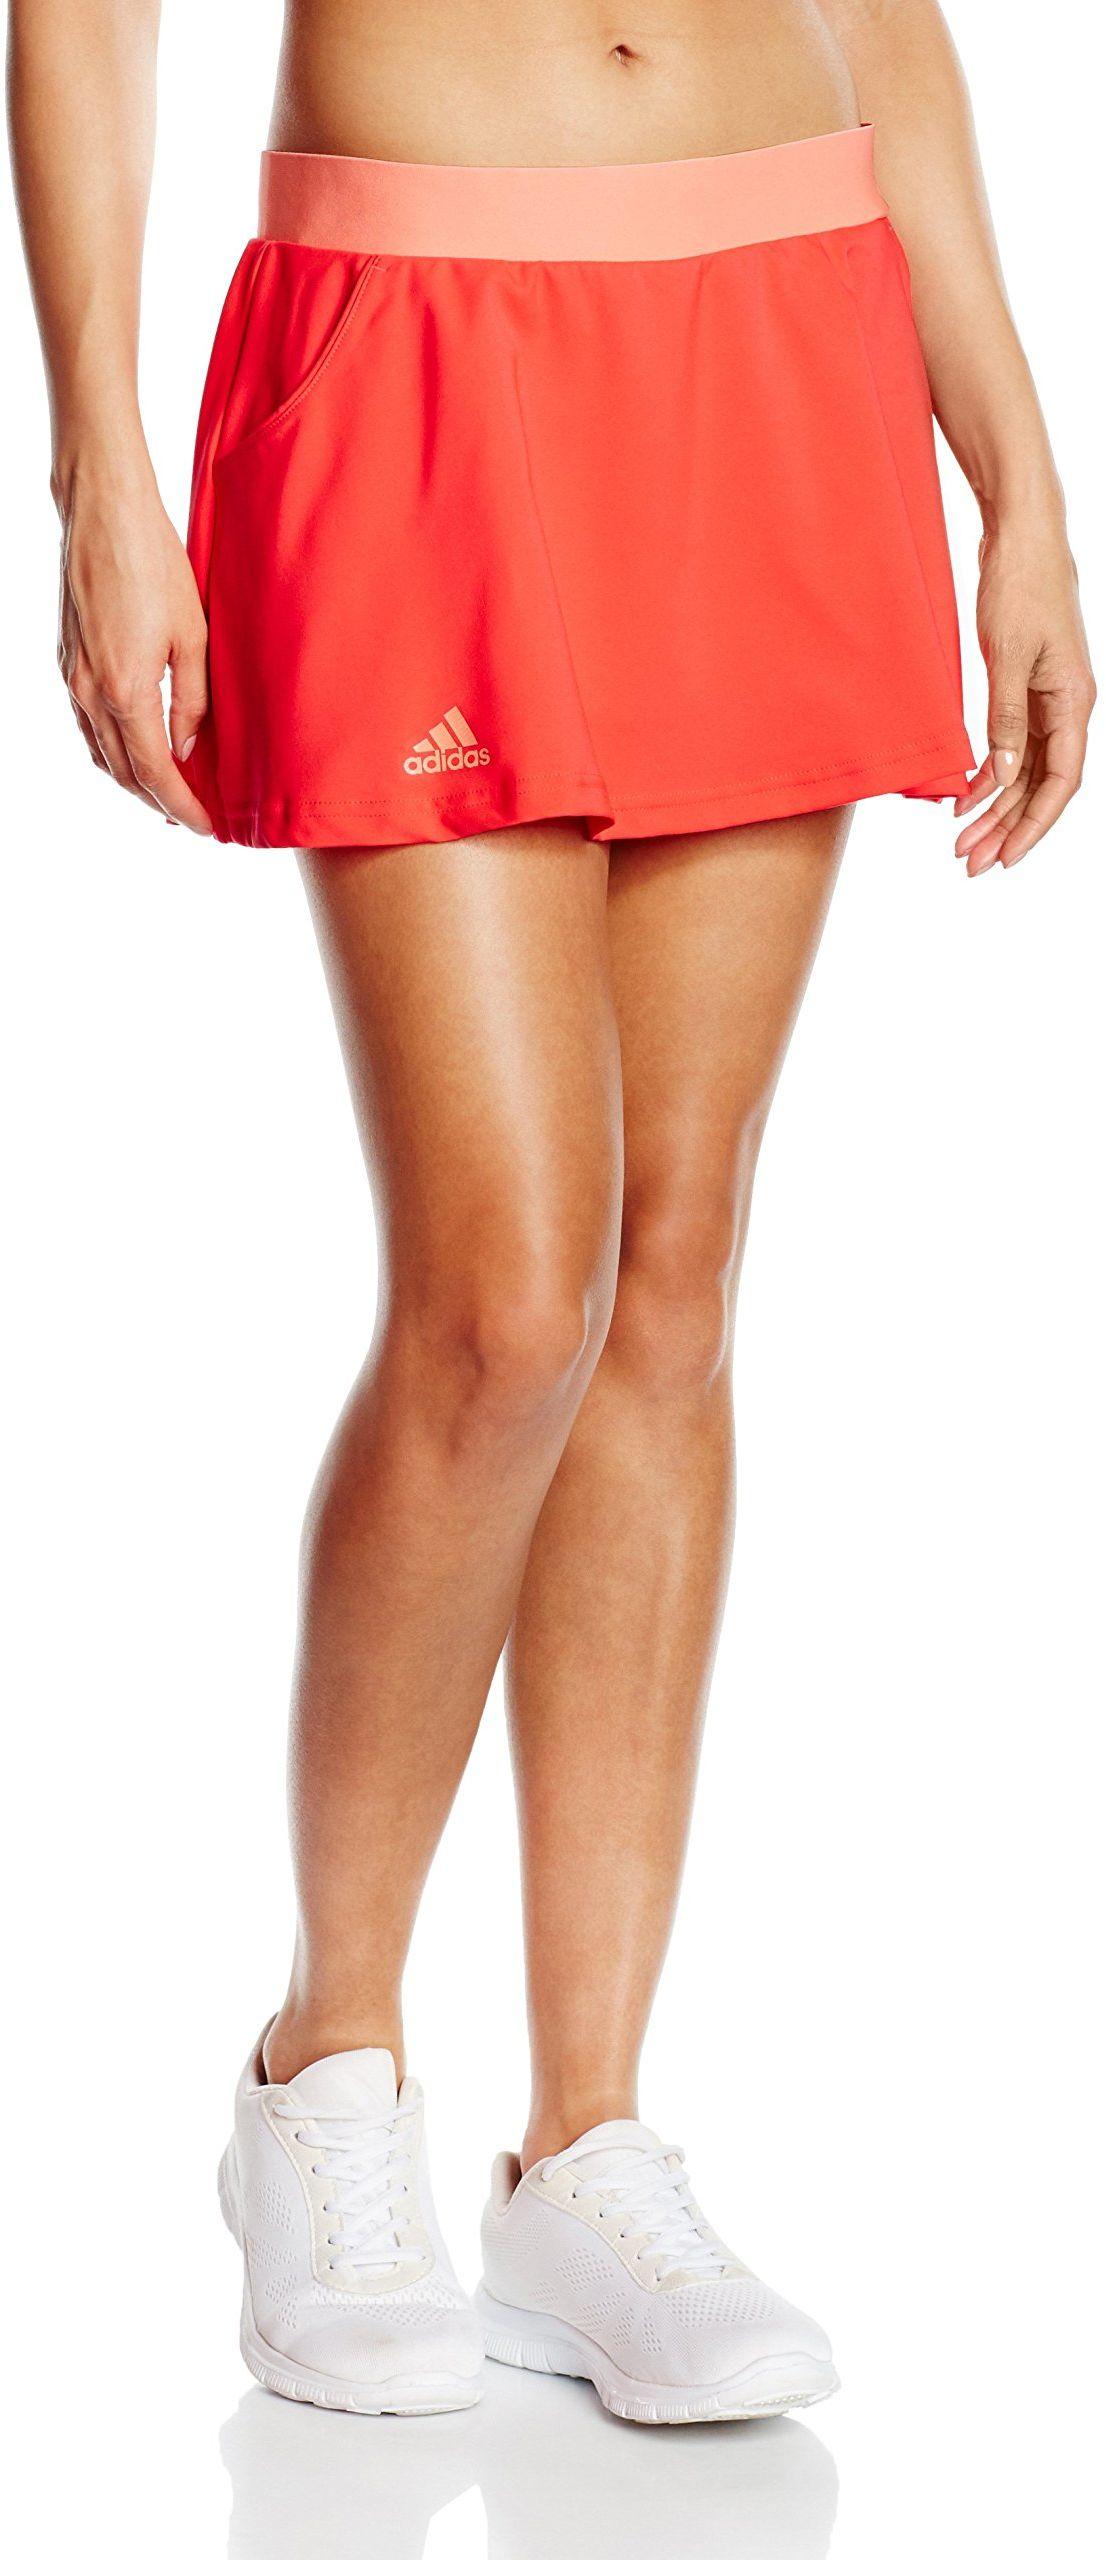 Adidas damska koszulka sportowa klubu długa spódniczka - czerwona/pomarańczowa/romby/BRISOL, duża